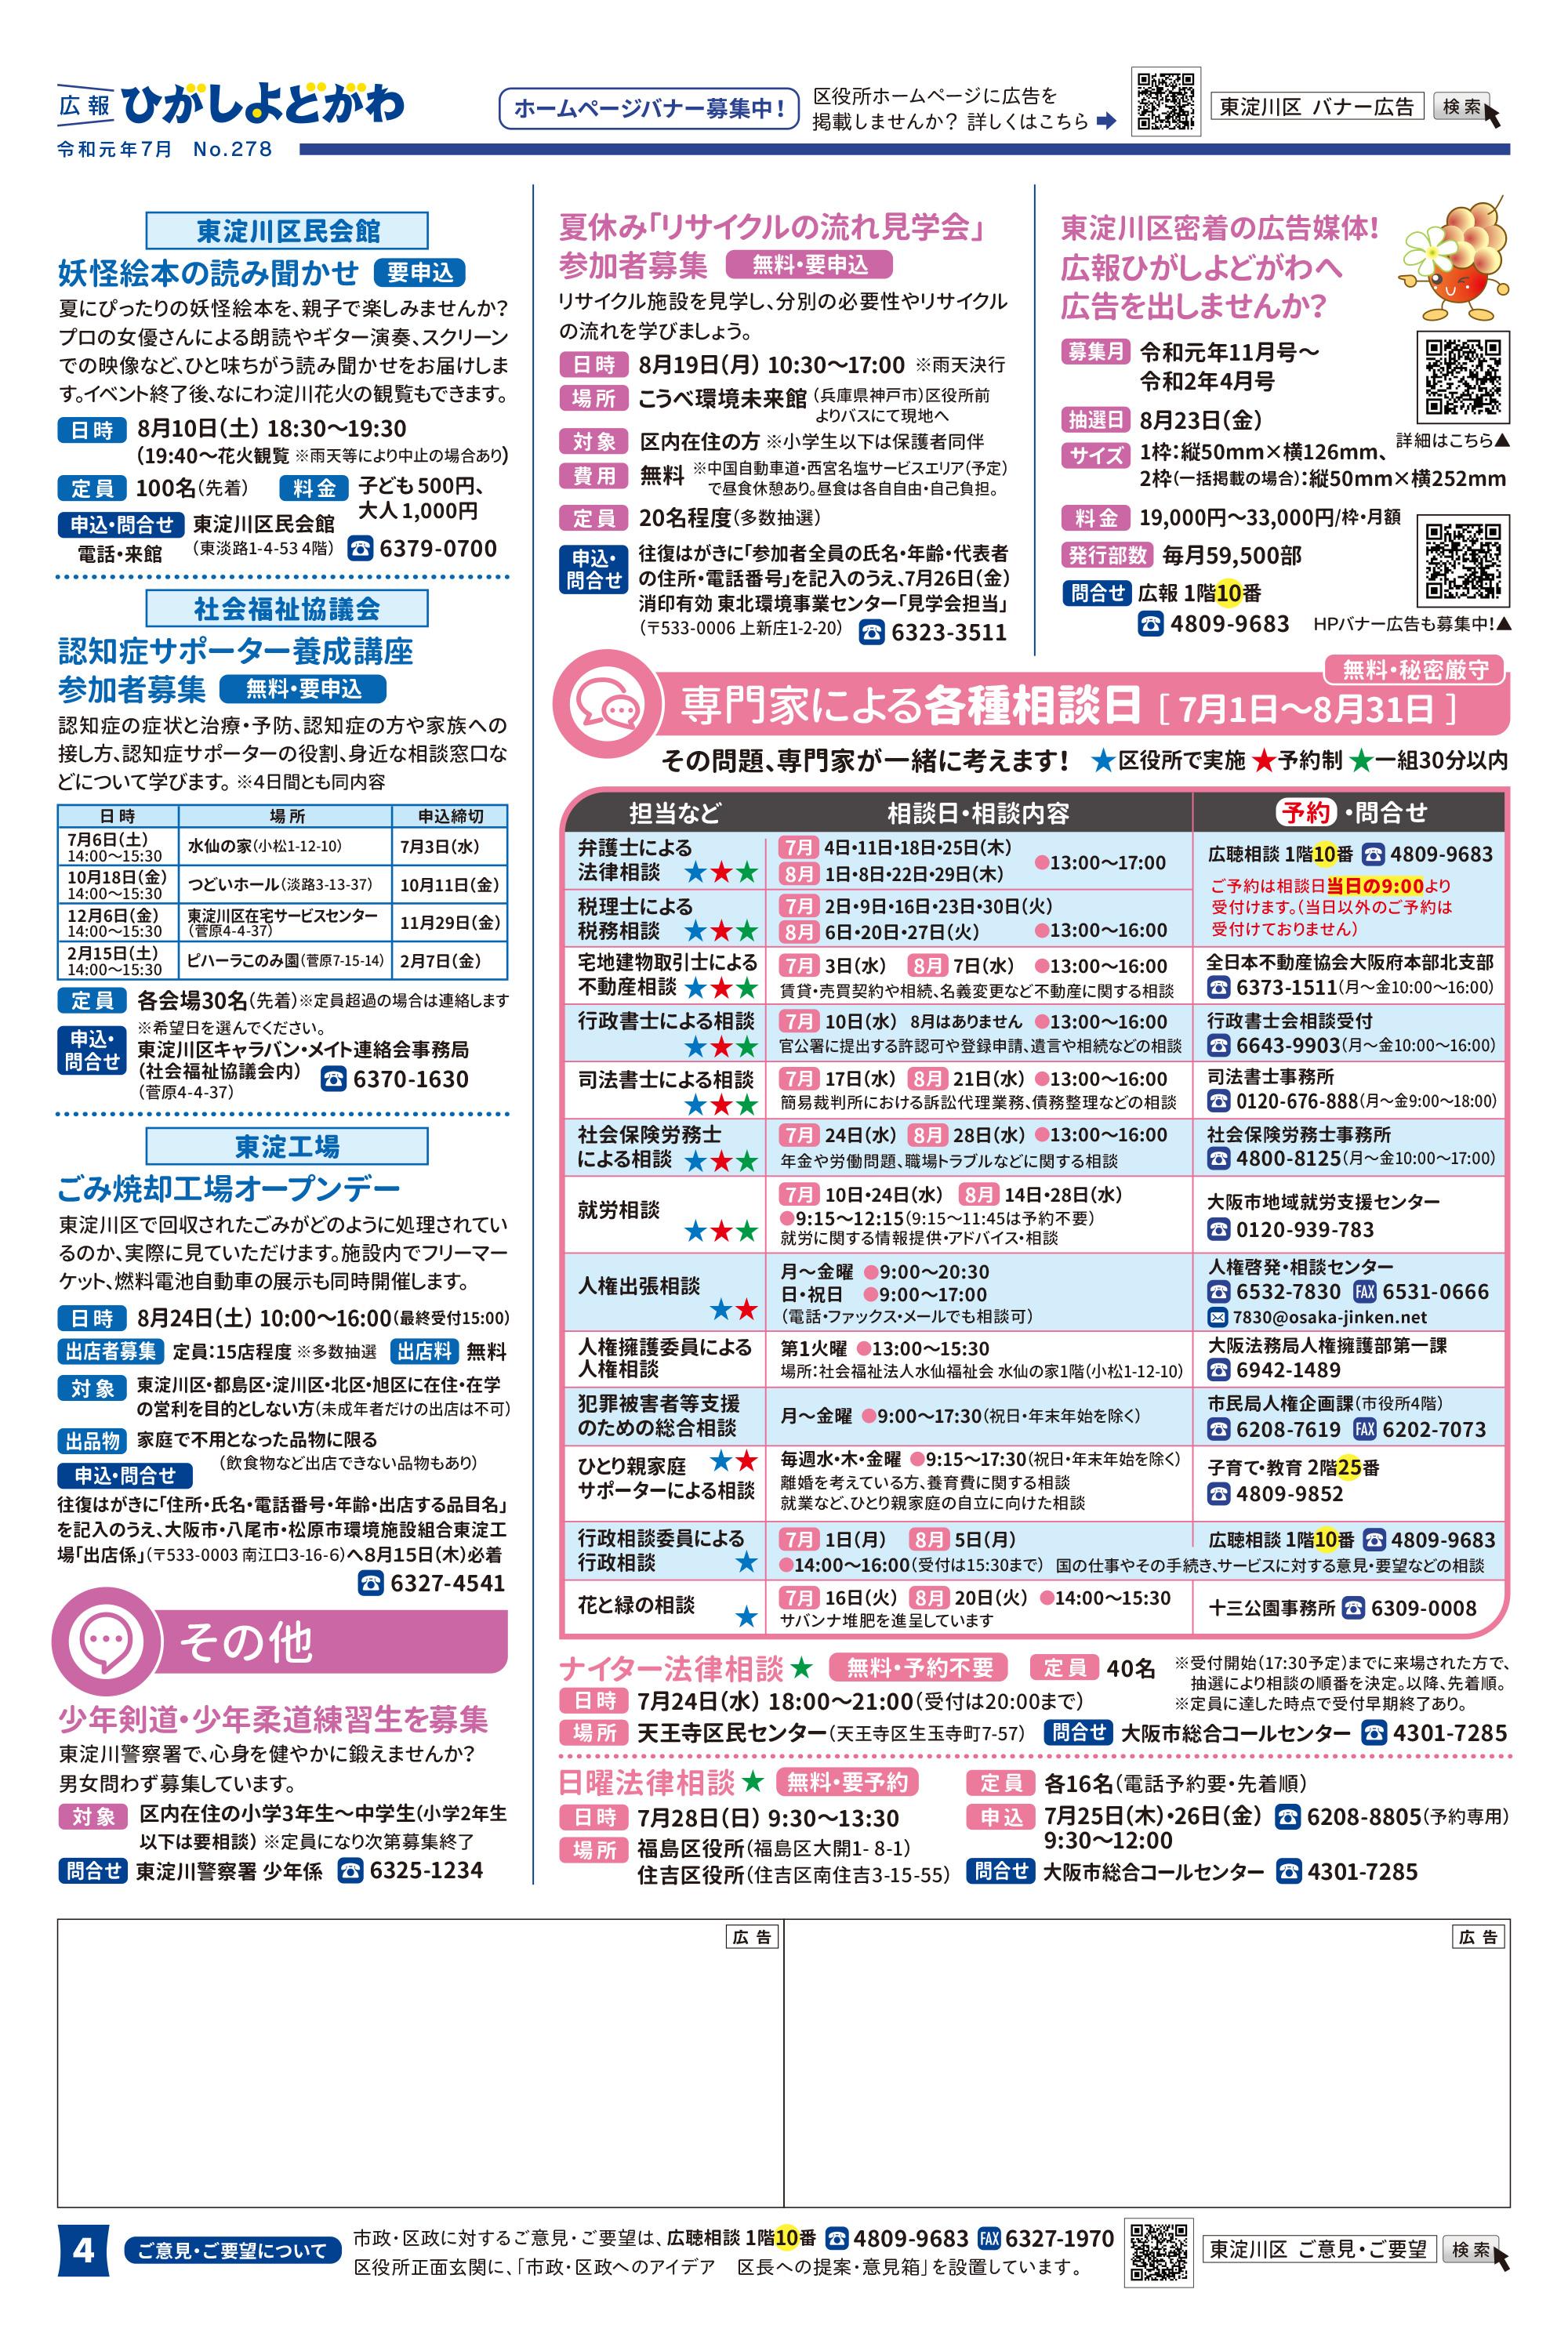 広報ひがしよどがわ・令和元年7月号(大阪市東淀川区)